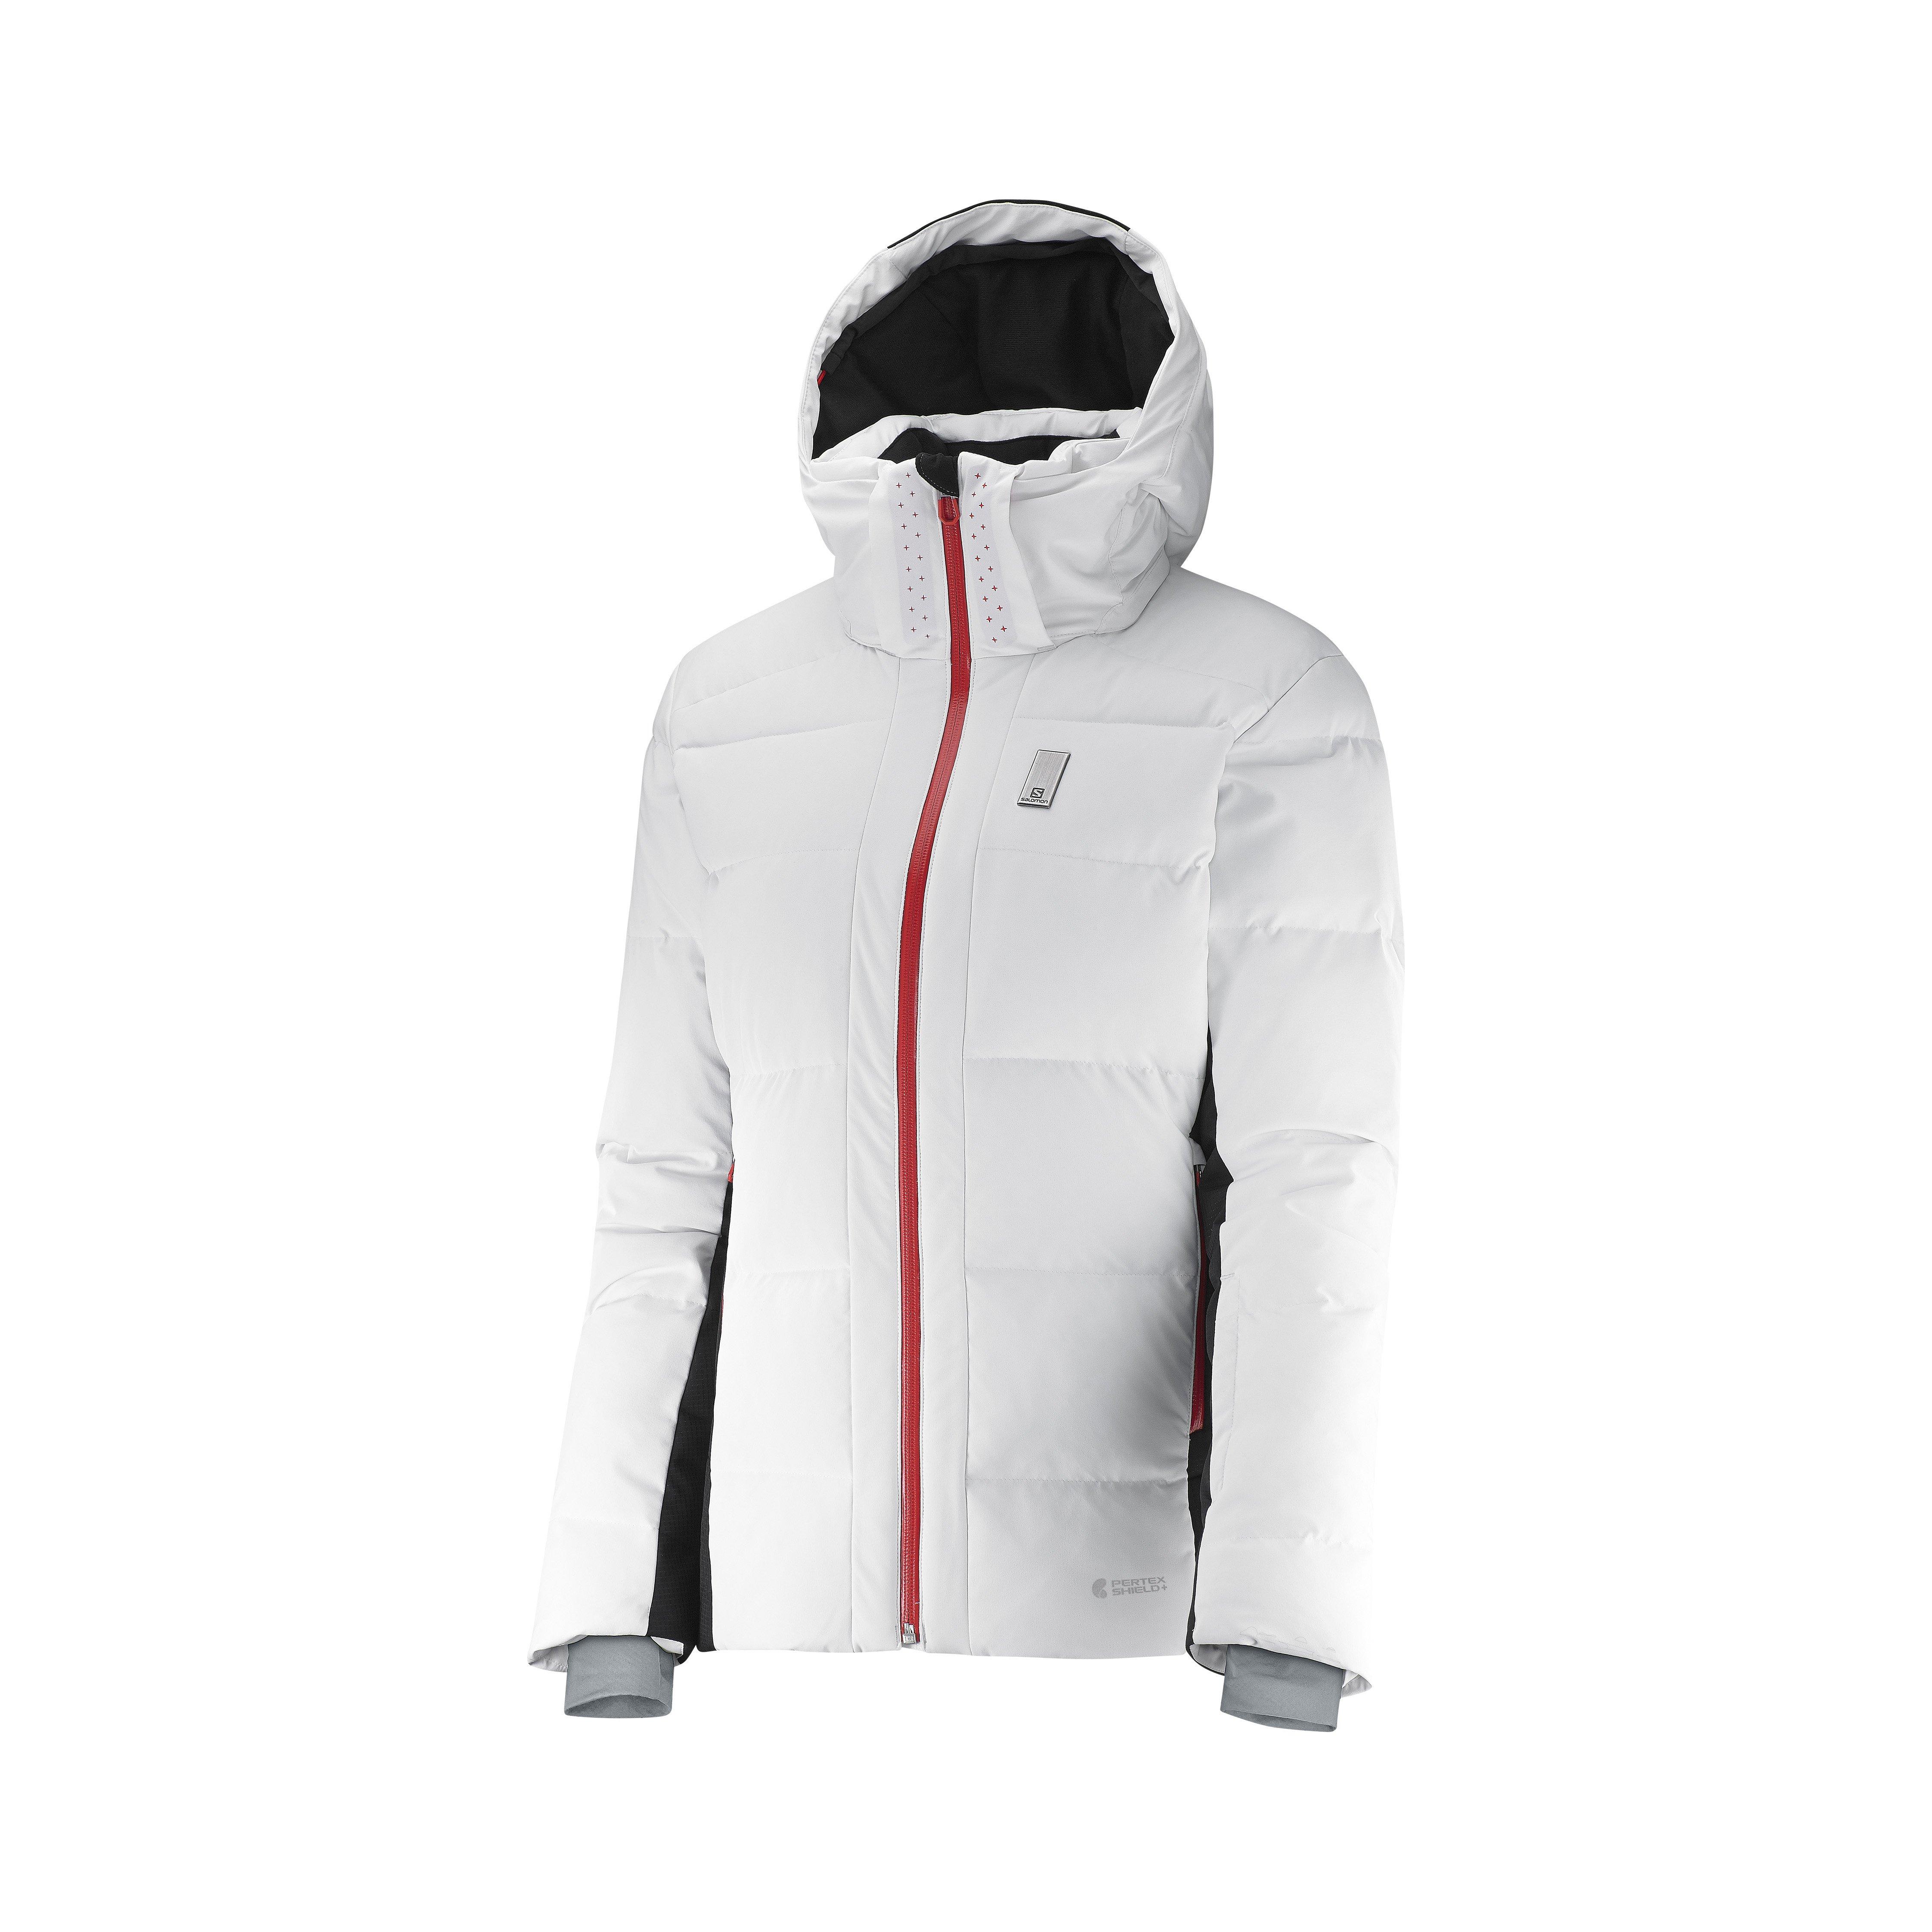 Salomon Whitebreeze Down JKT W White/Black L38231000